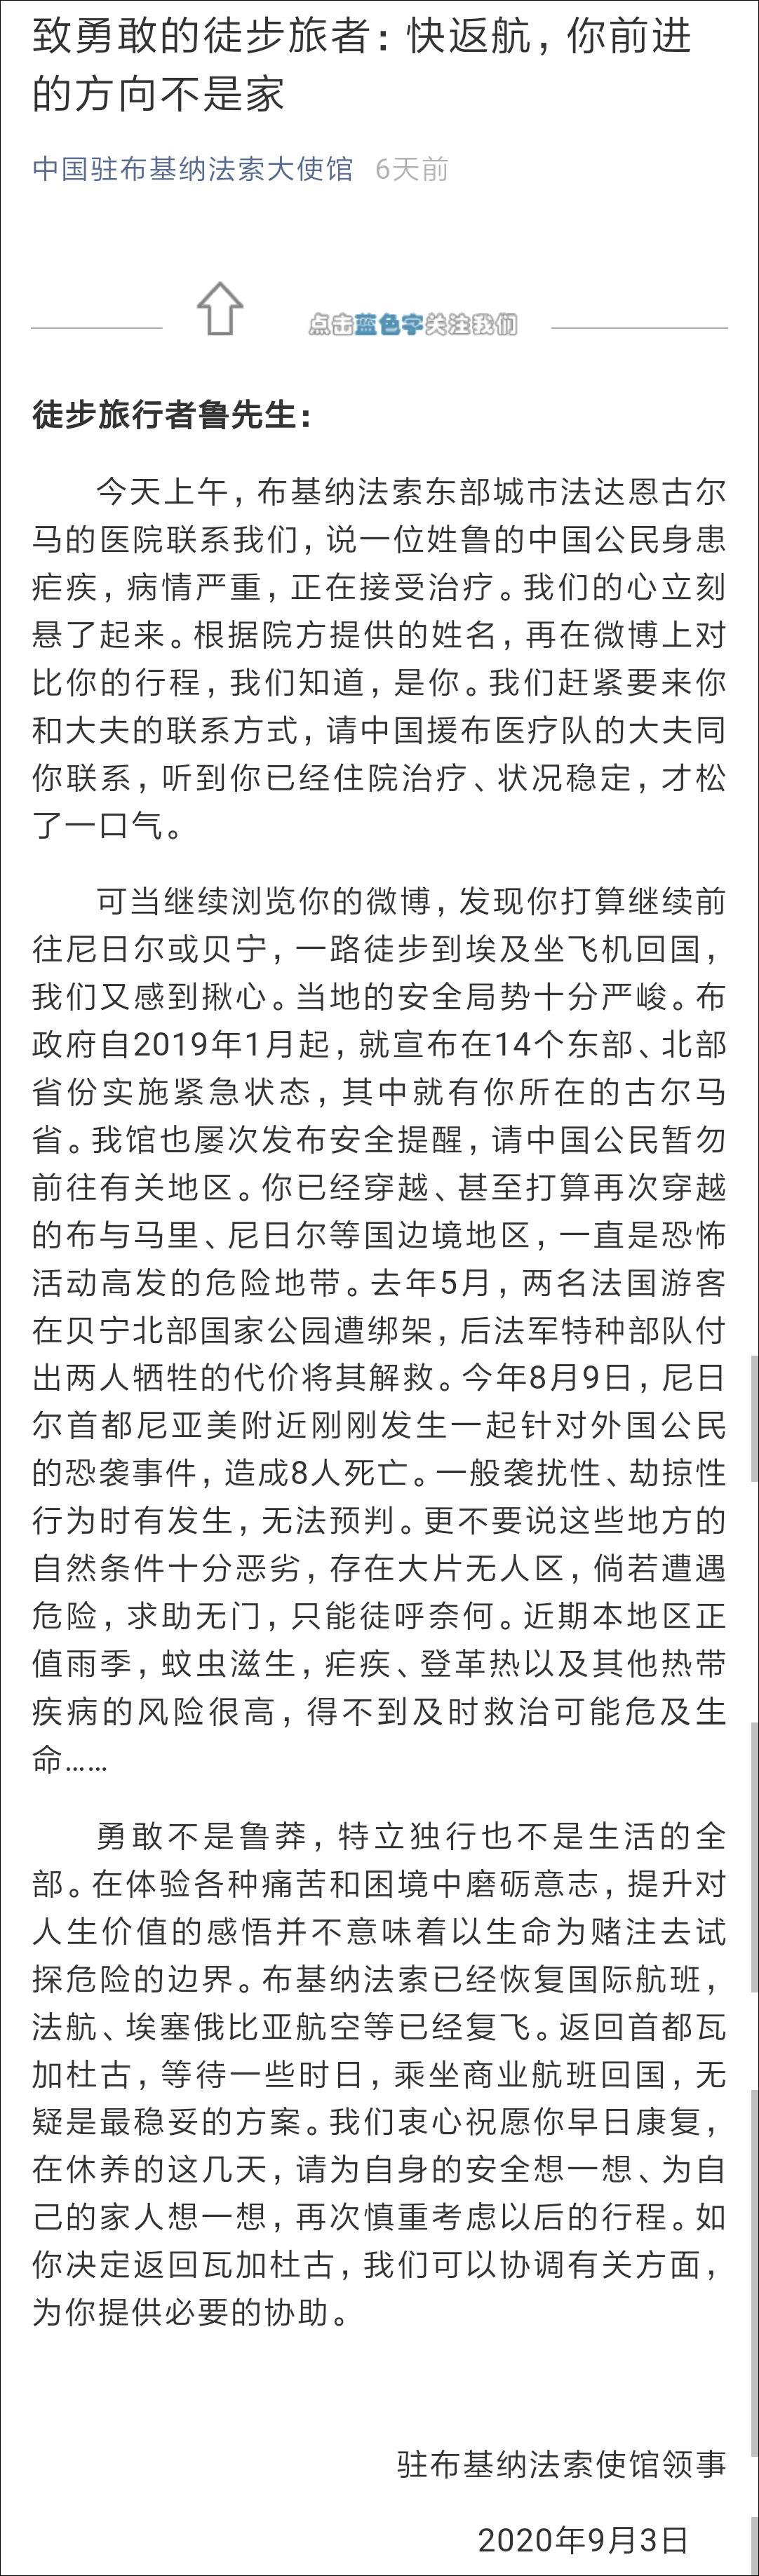 """【快猫网址专业培训】_中国大使馆苦劝回家,他却想着""""一个人的绝地求生"""""""